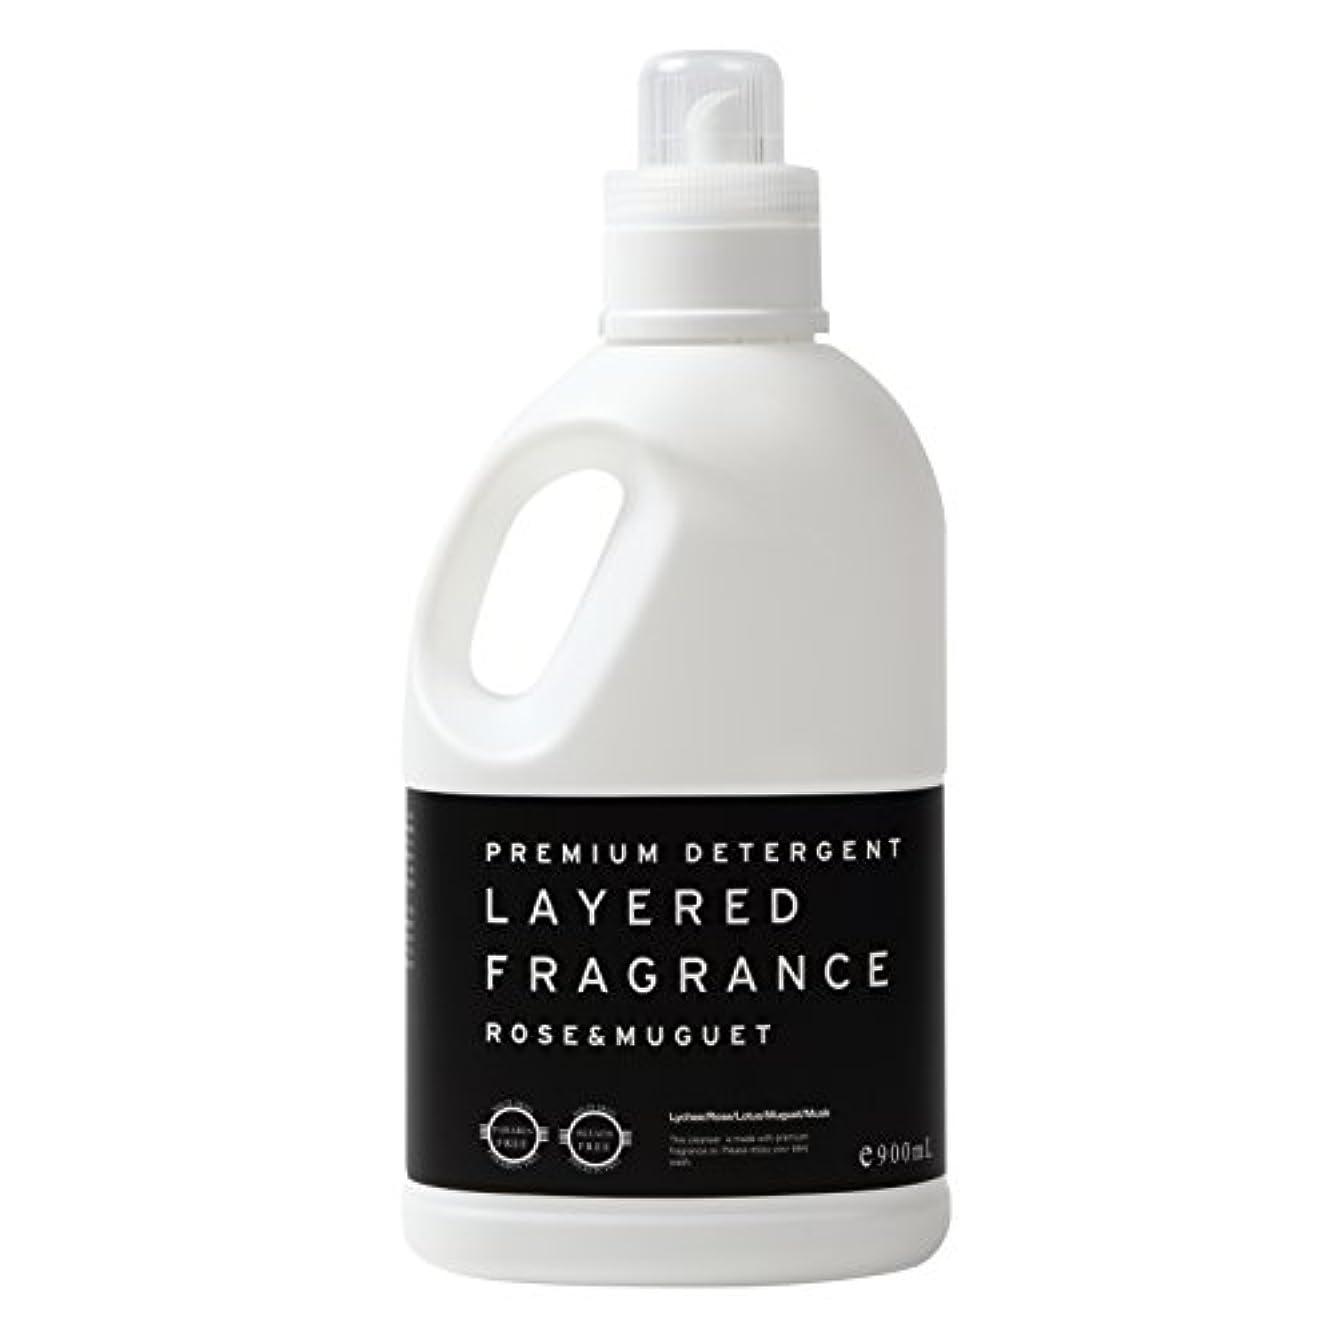 予言する気分が良い区別するレイヤードフレグランス プレミアム デタージェント 洗濯用洗剤 ローズ&ミュゲ